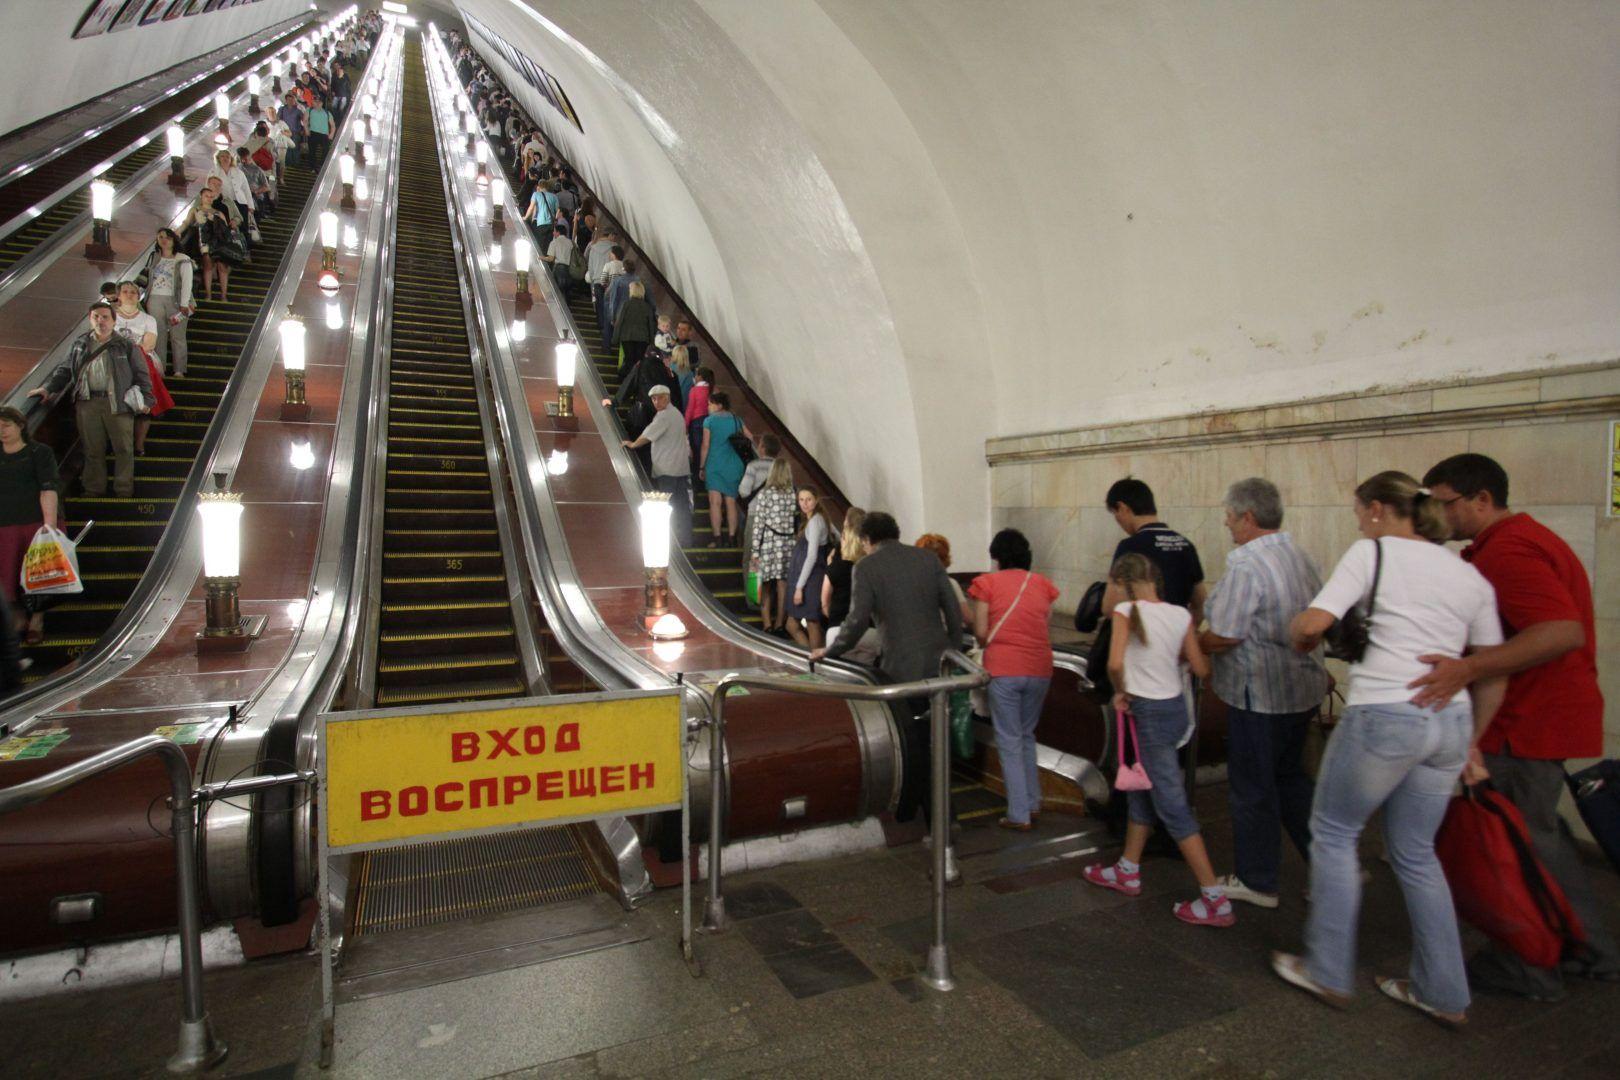 На эскалаторах следует быть осторожнее. Фото: Антон Гердо